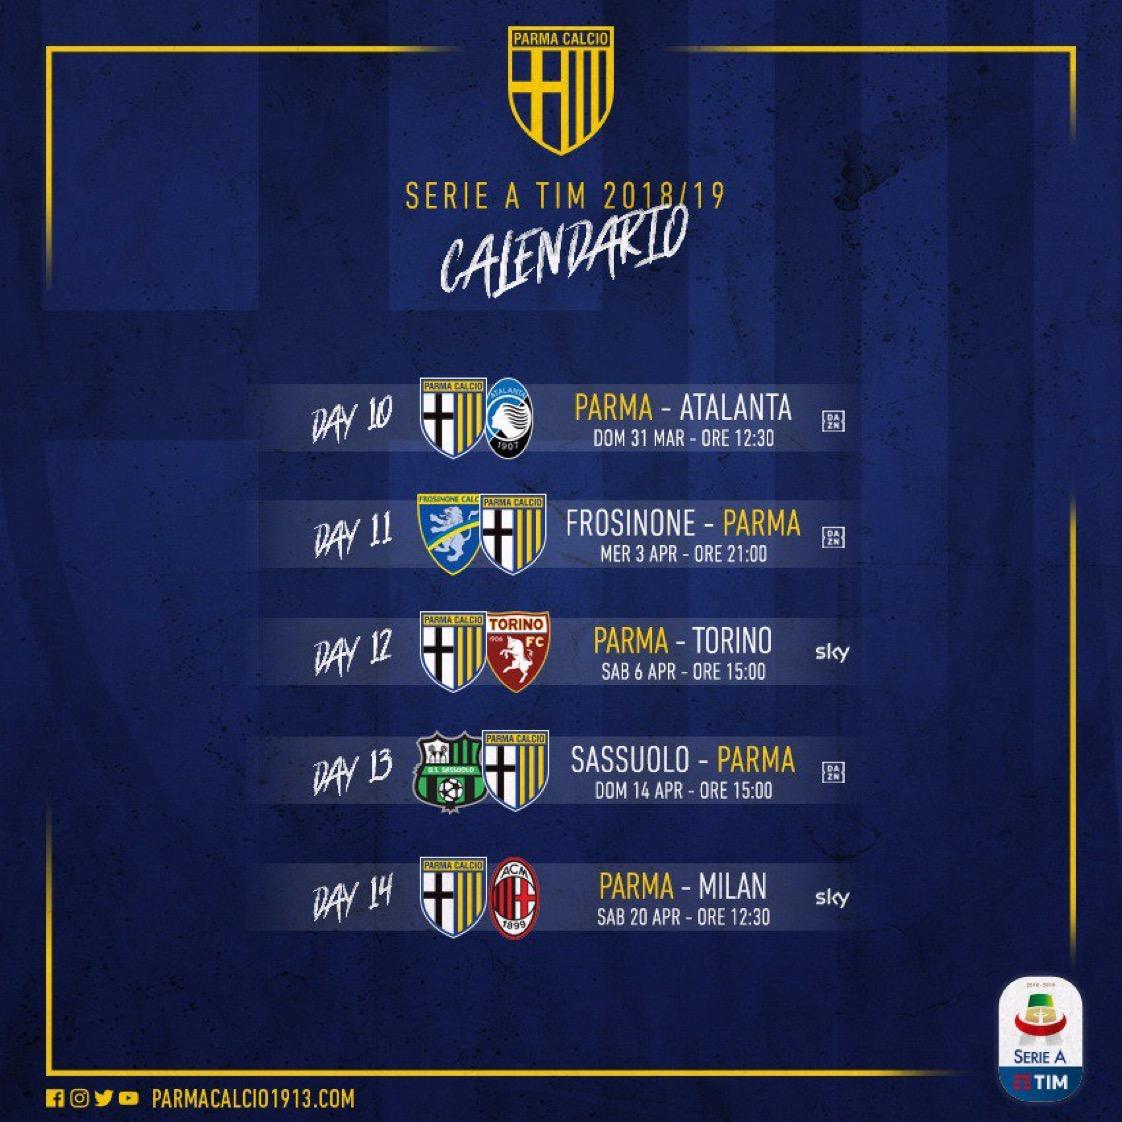 Lega Serie A Tim Calendario.Lega Serie A Anticipi E Posticipi Fino A Pasqua Col Milan